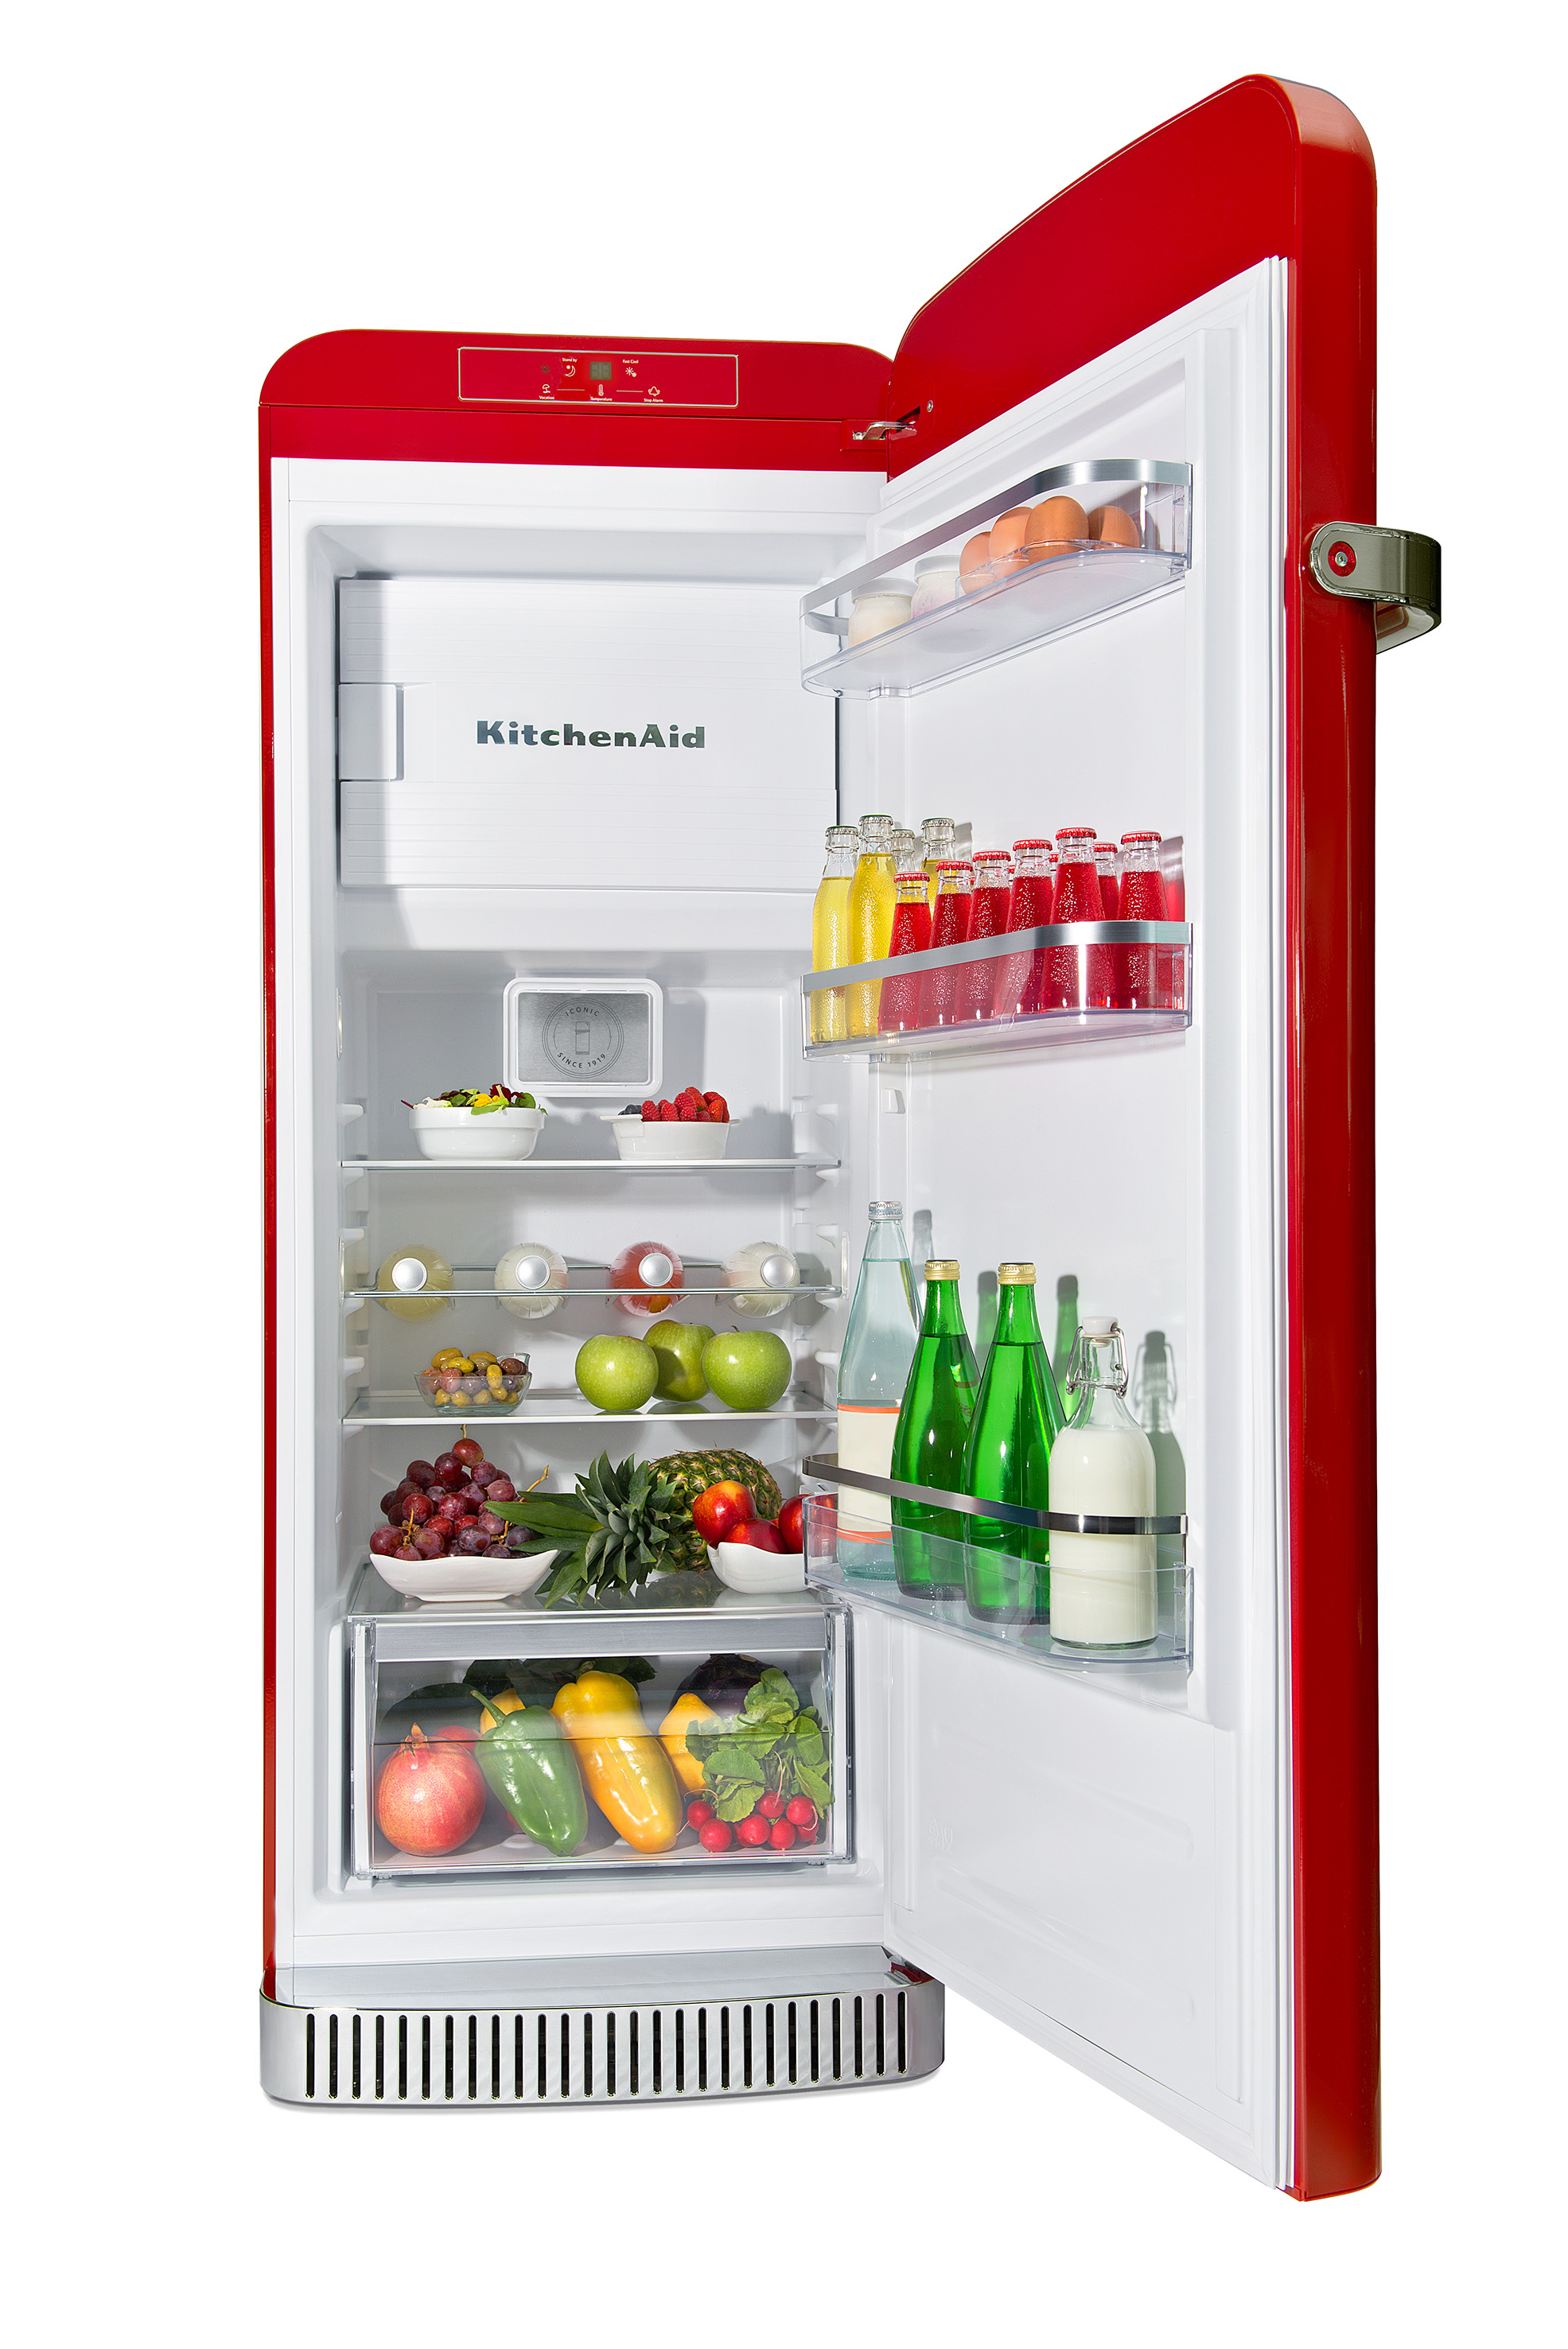 De nieuwste koelkast van KitchenAid - de Iconic Fridge #koelkast #keuken